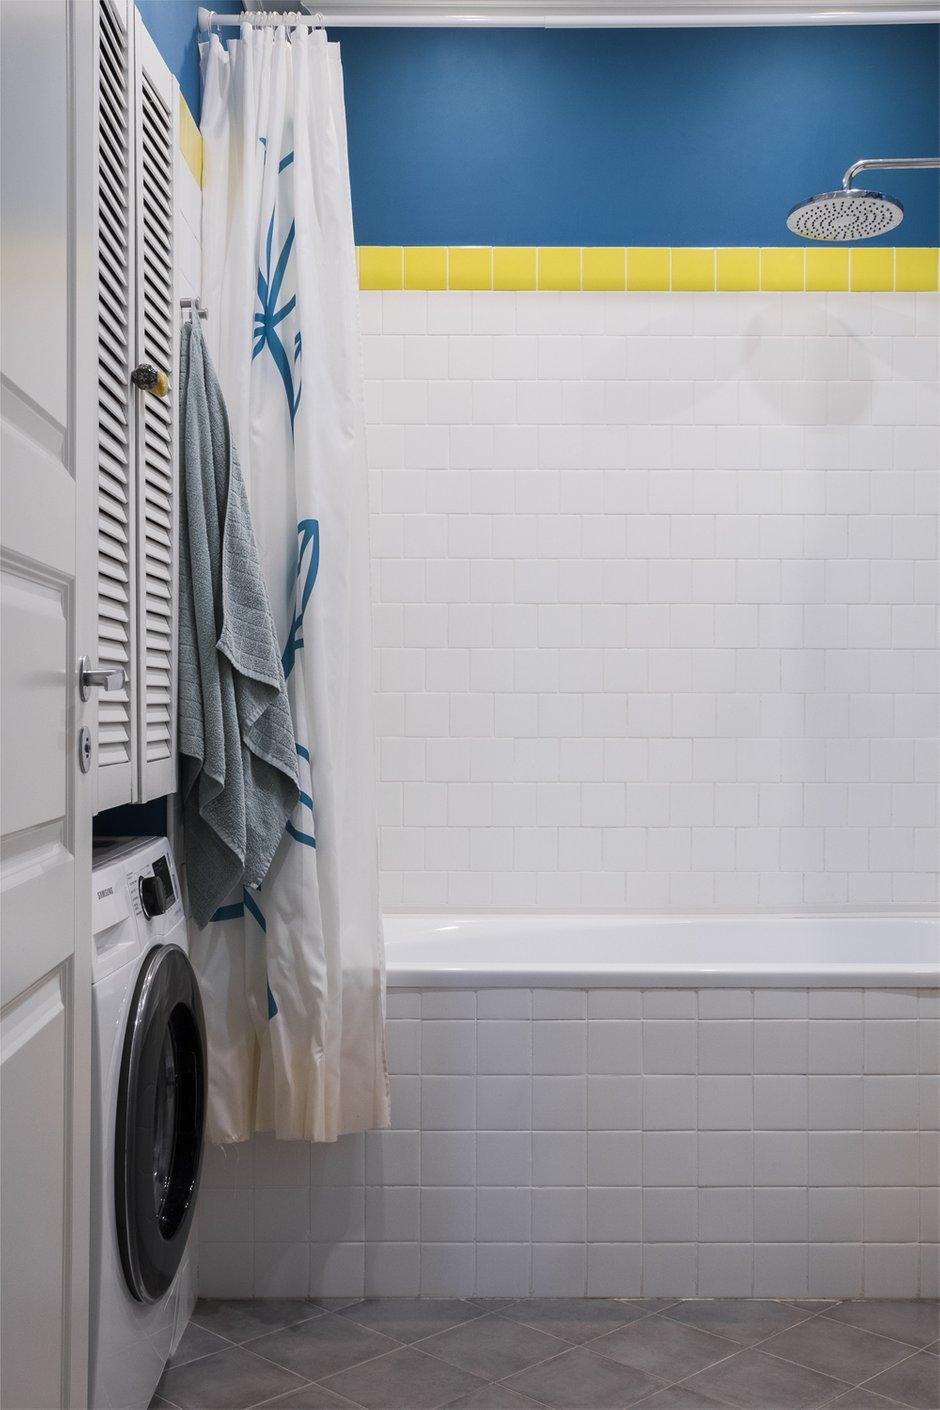 Фотография: Ванная в стиле Скандинавский, Квартира, Проект недели, Раменское, Елена Ивашкина, Монолитный дом, 3 комнаты, 40-60 метров – фото на INMYROOM